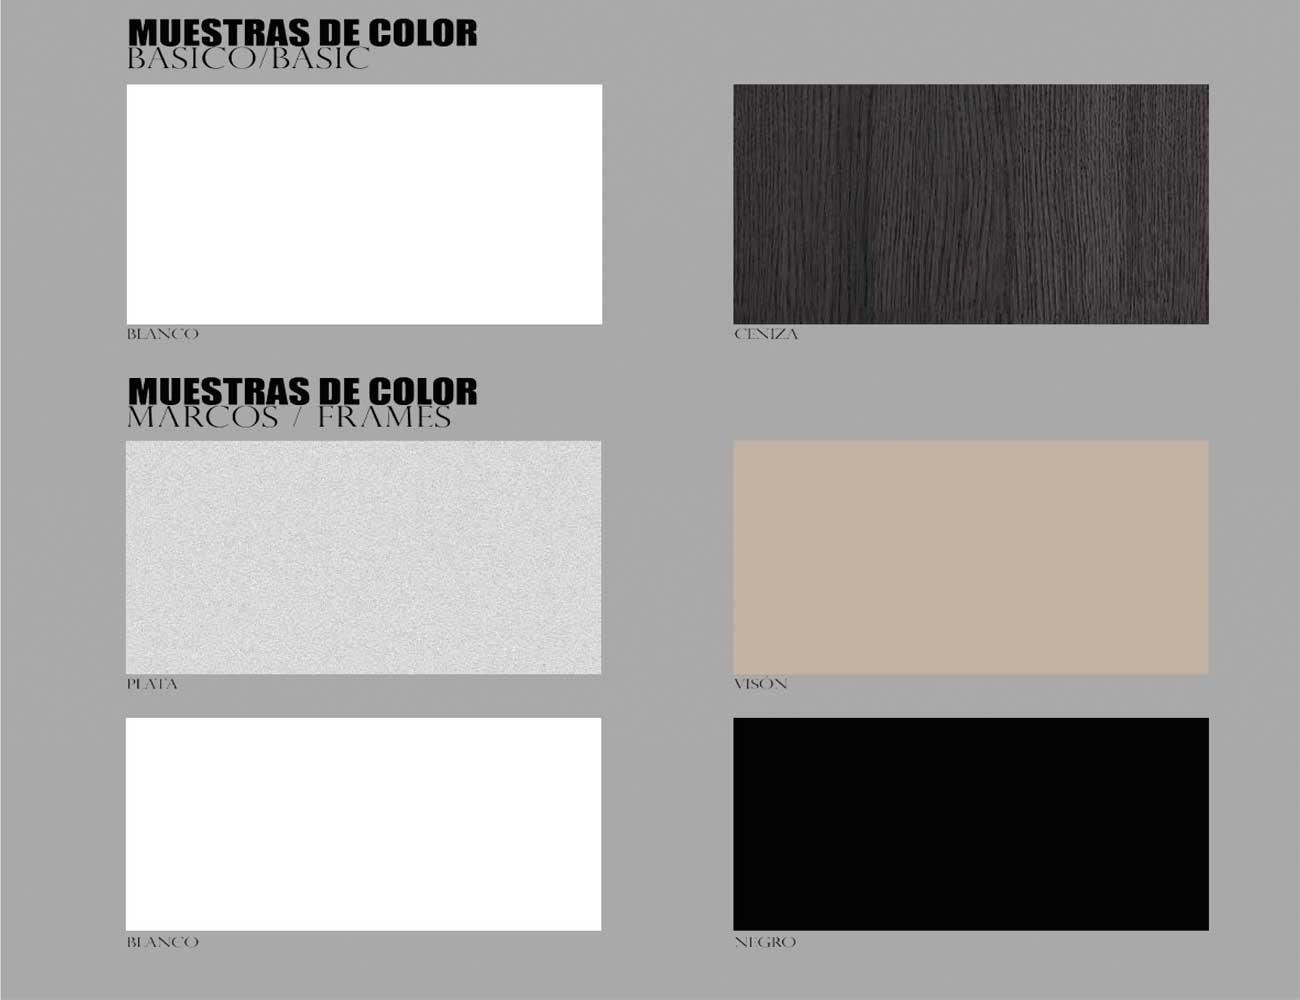 Colores tecnico6